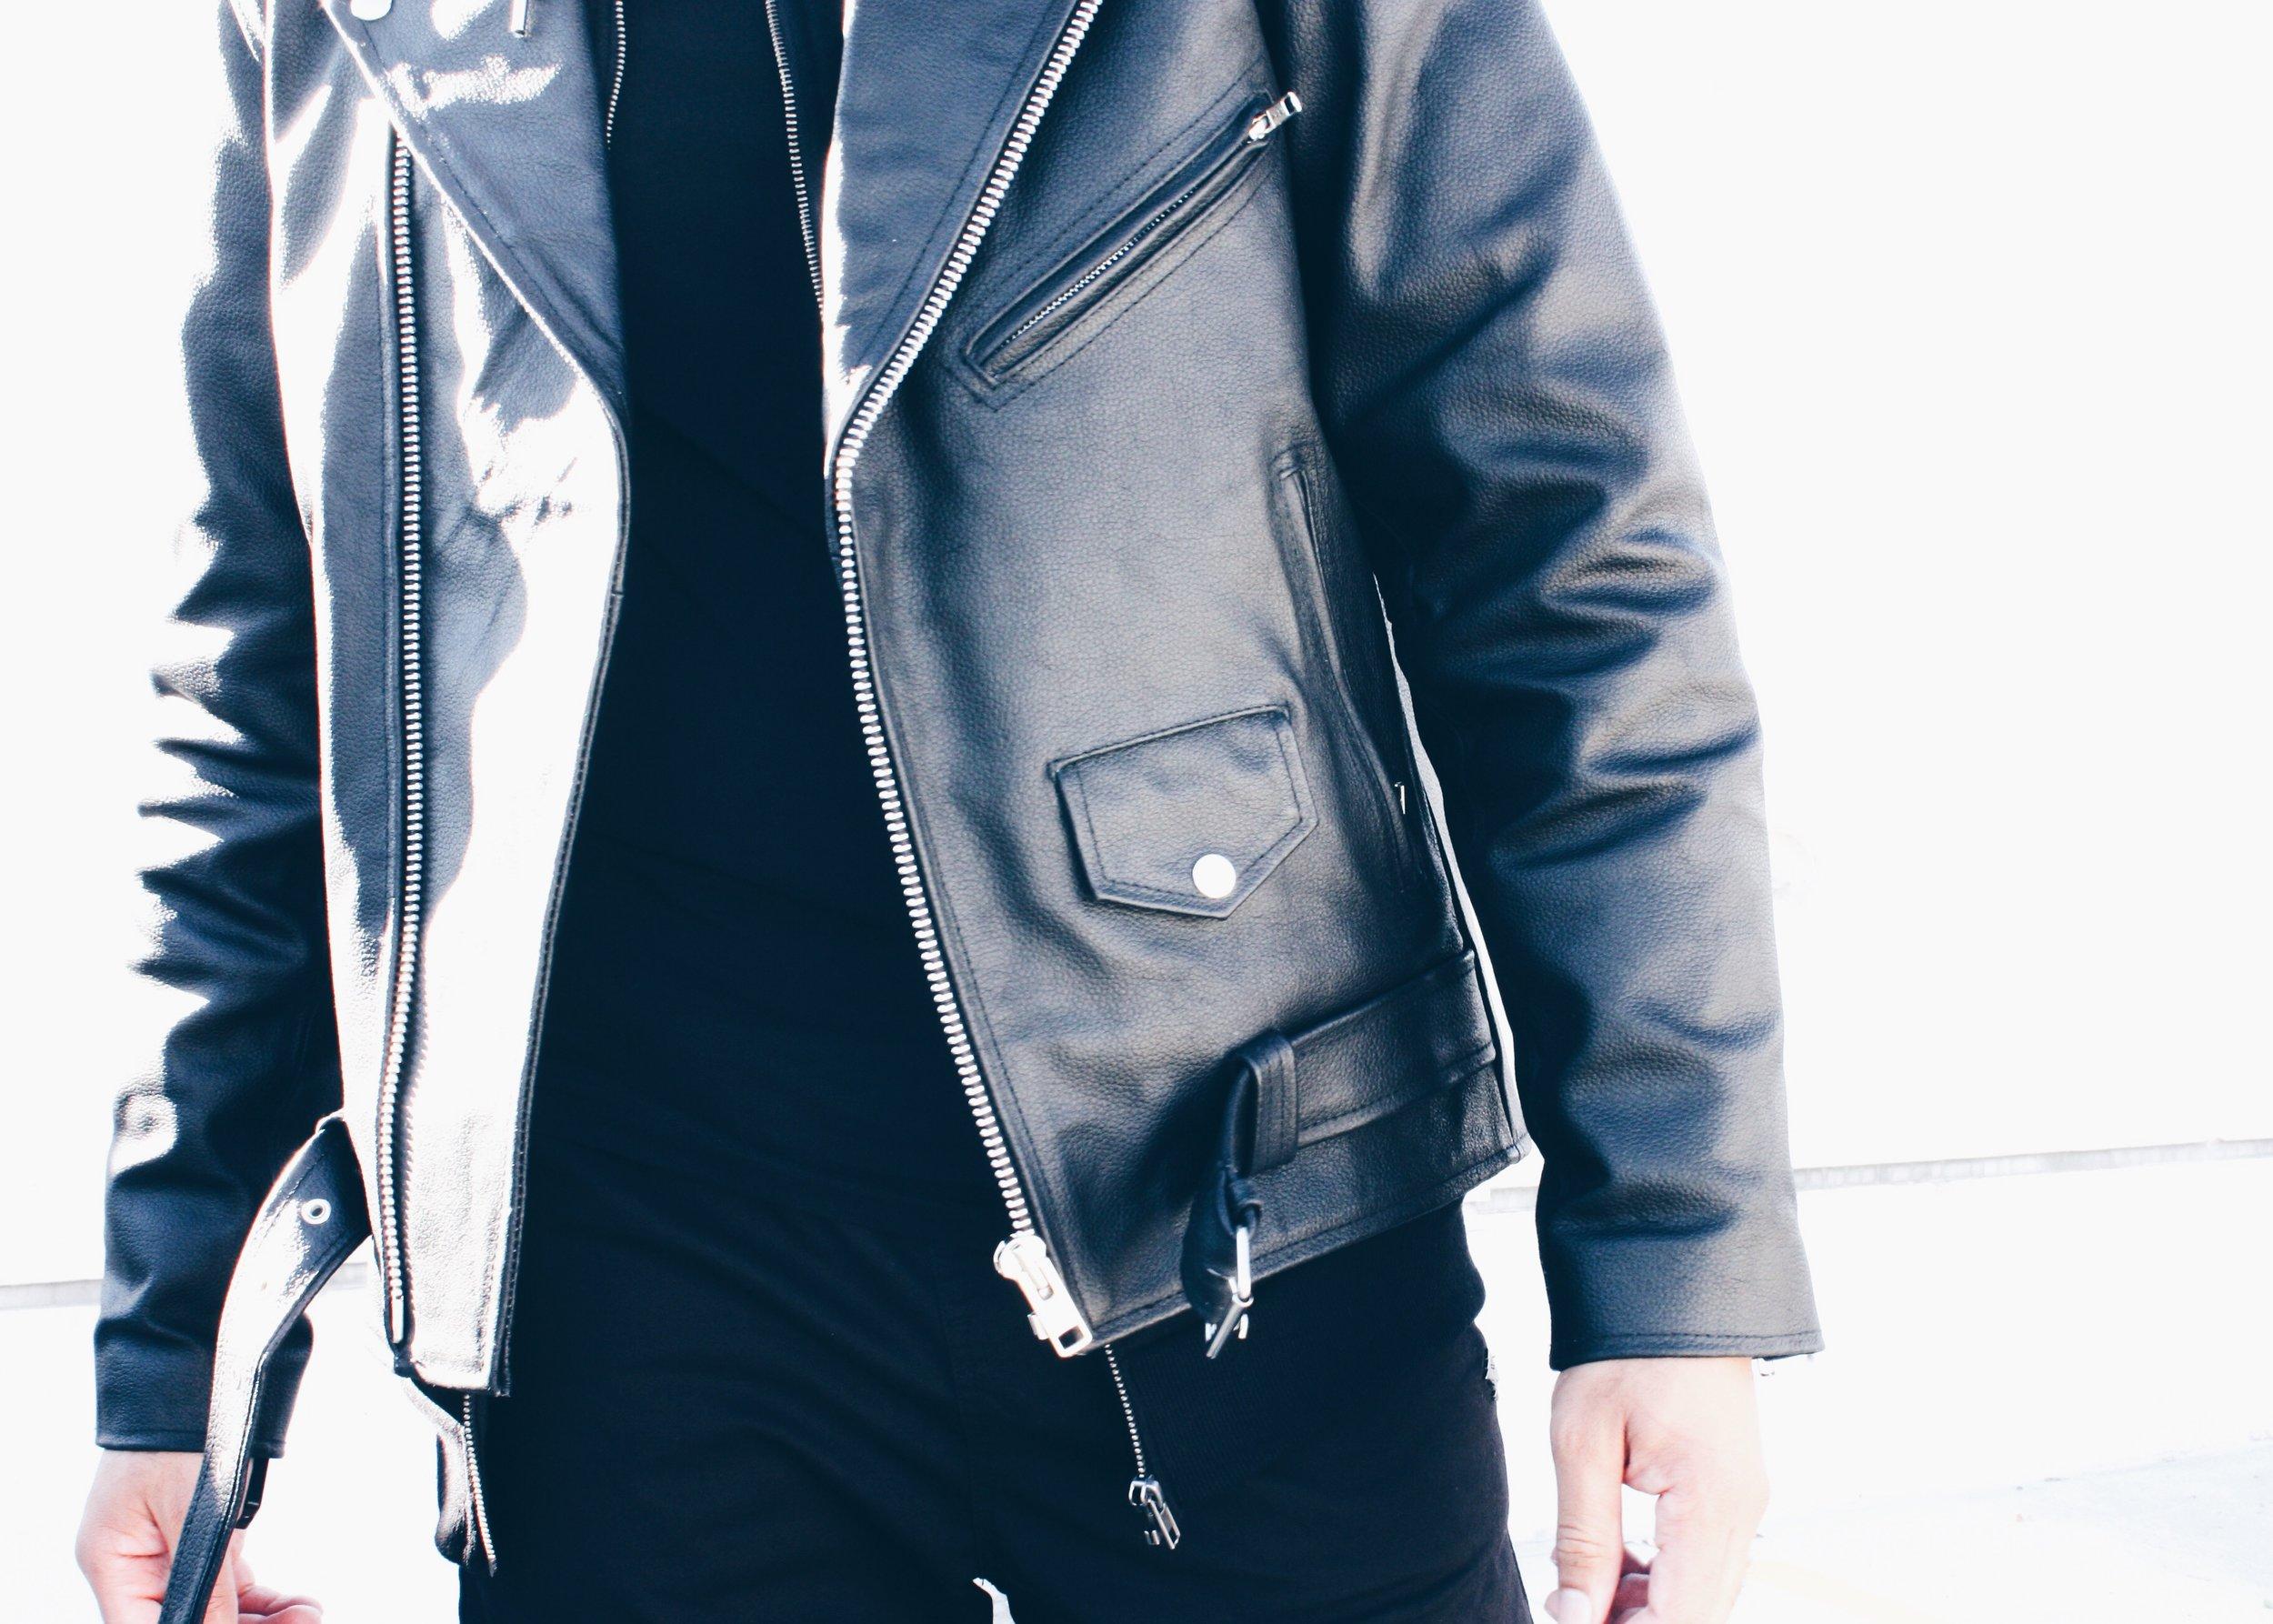 sam-c-perry-leather-jacket-black-hoodie-zoom.jpg